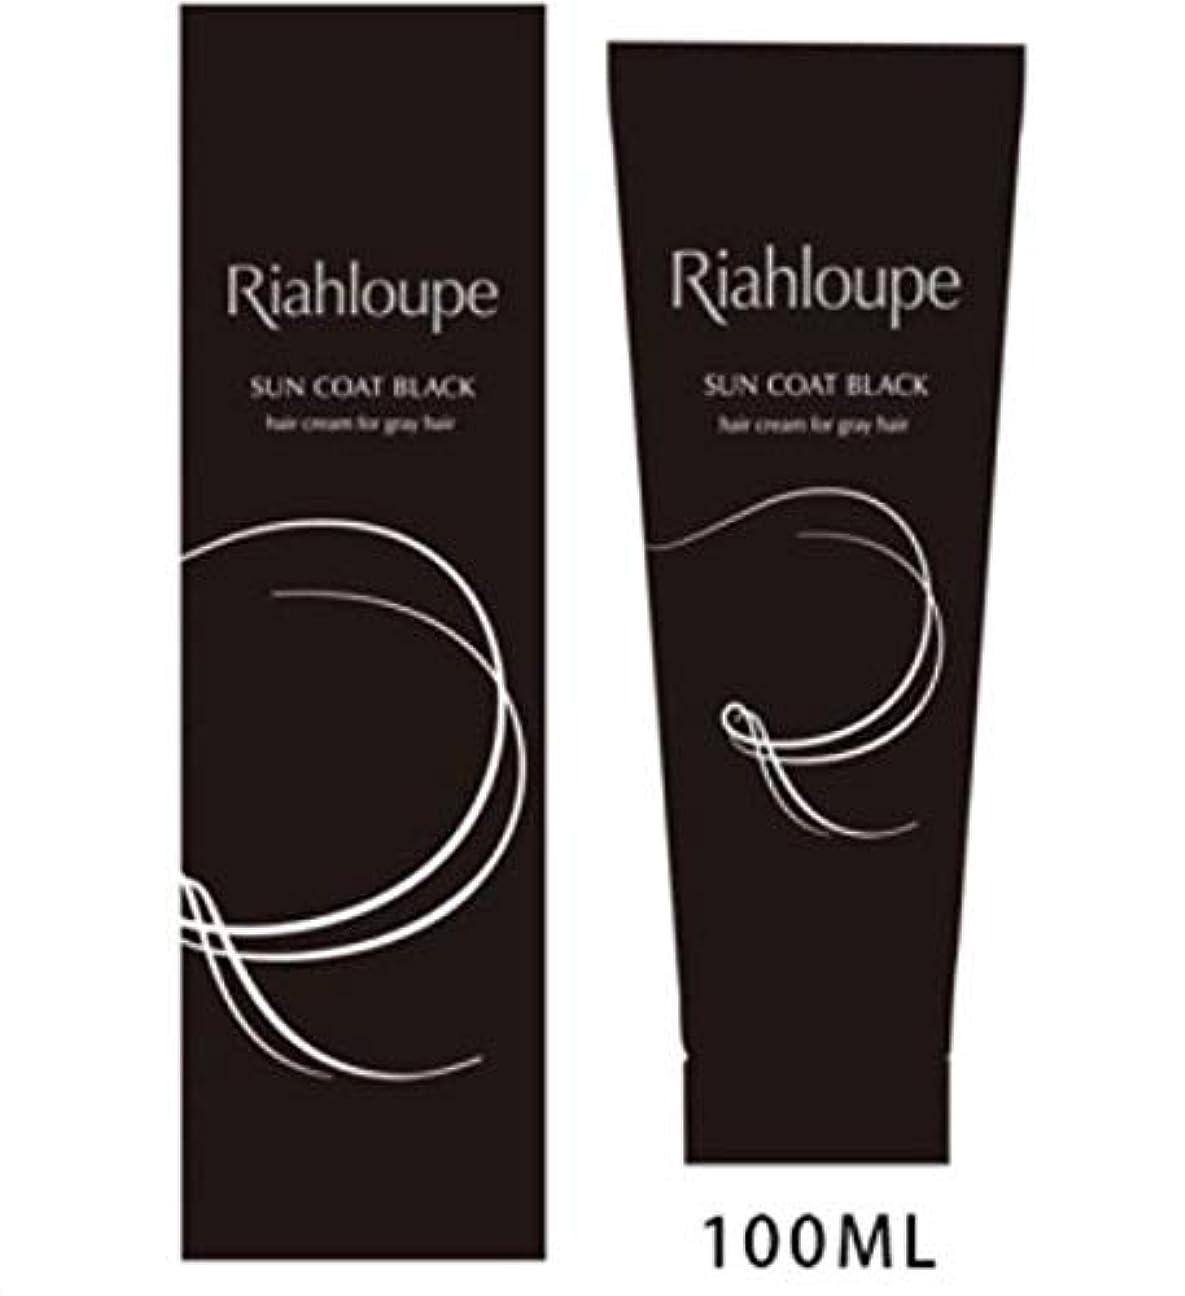 競争力のあるパスポートラケット洗い流さない 光で染まる白髪染め リアループサンコートブラックRiahloupe Sun Coat Black 100g